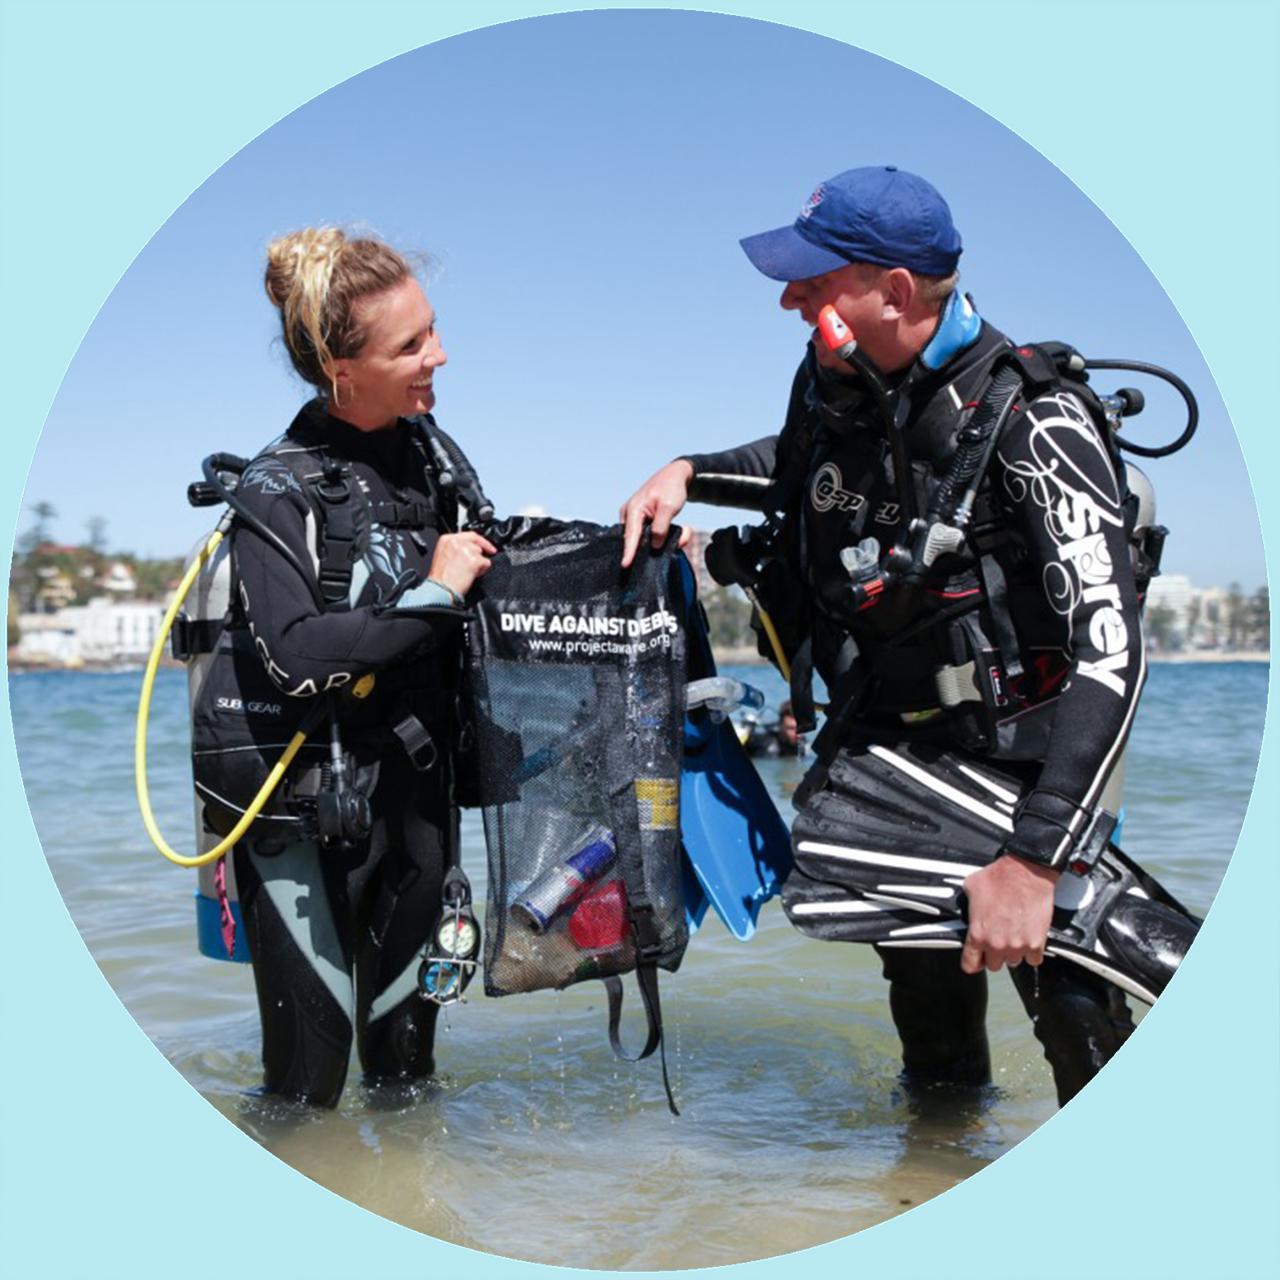 AWARE Dive Against Debris Specialist